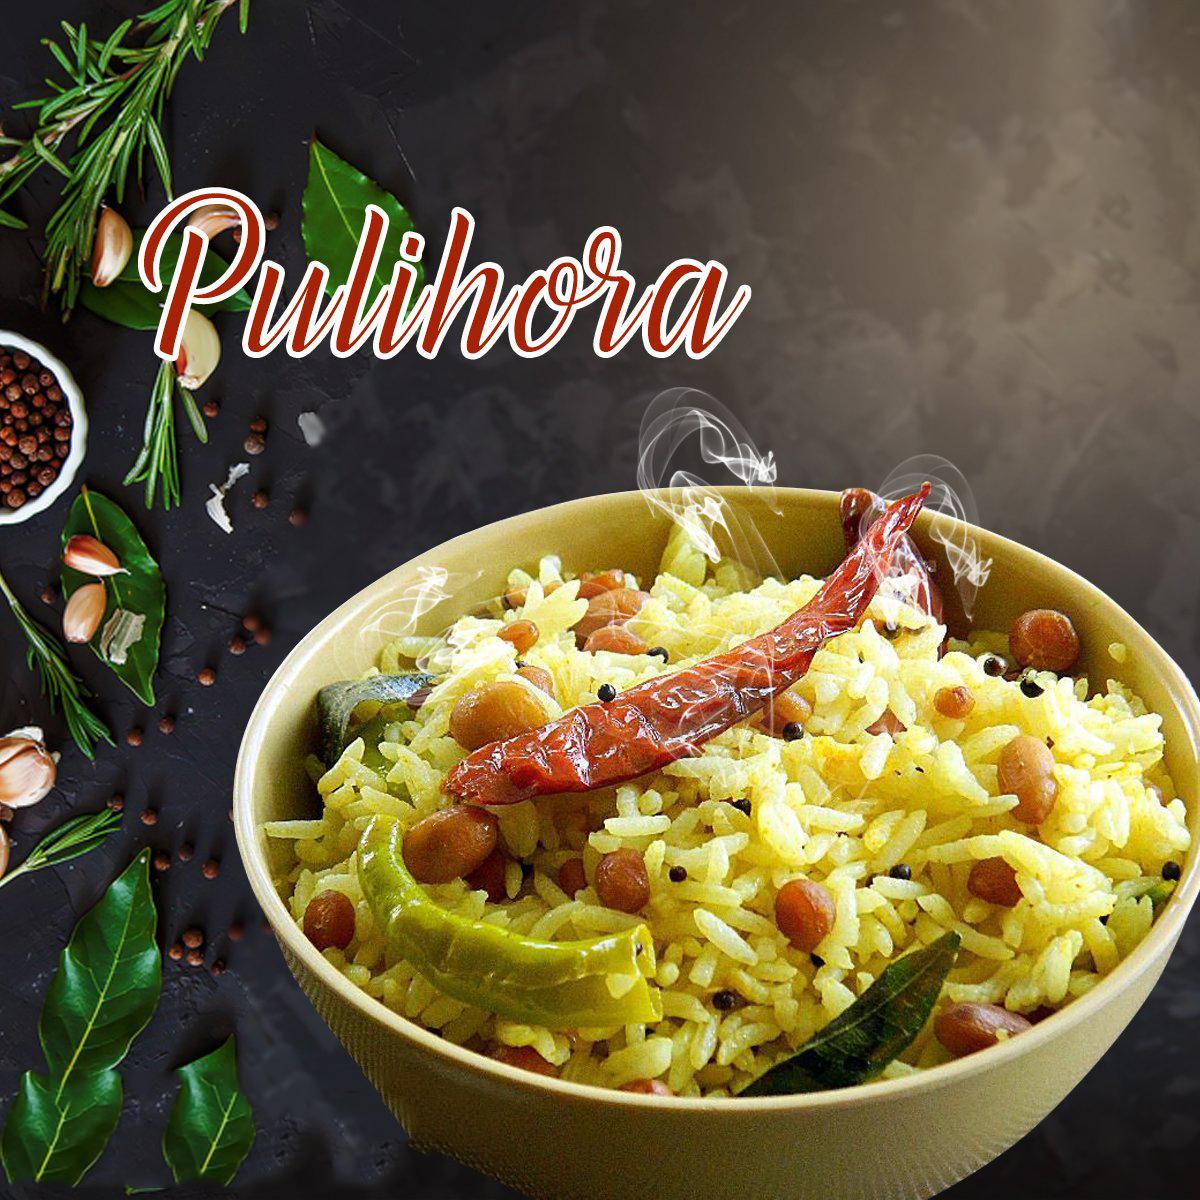 Pulihora